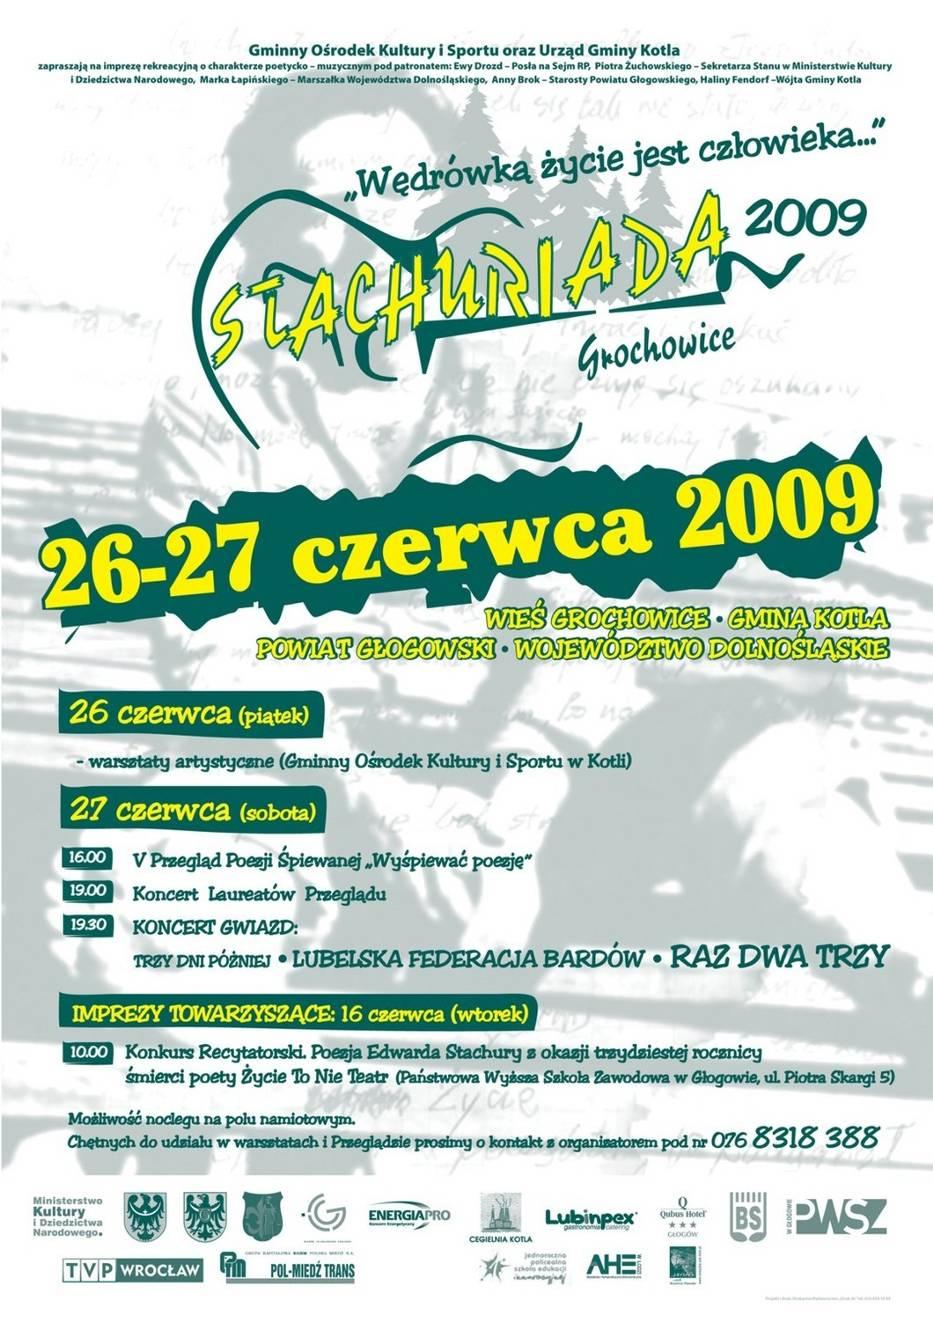 Plakat Stachuriady 2009